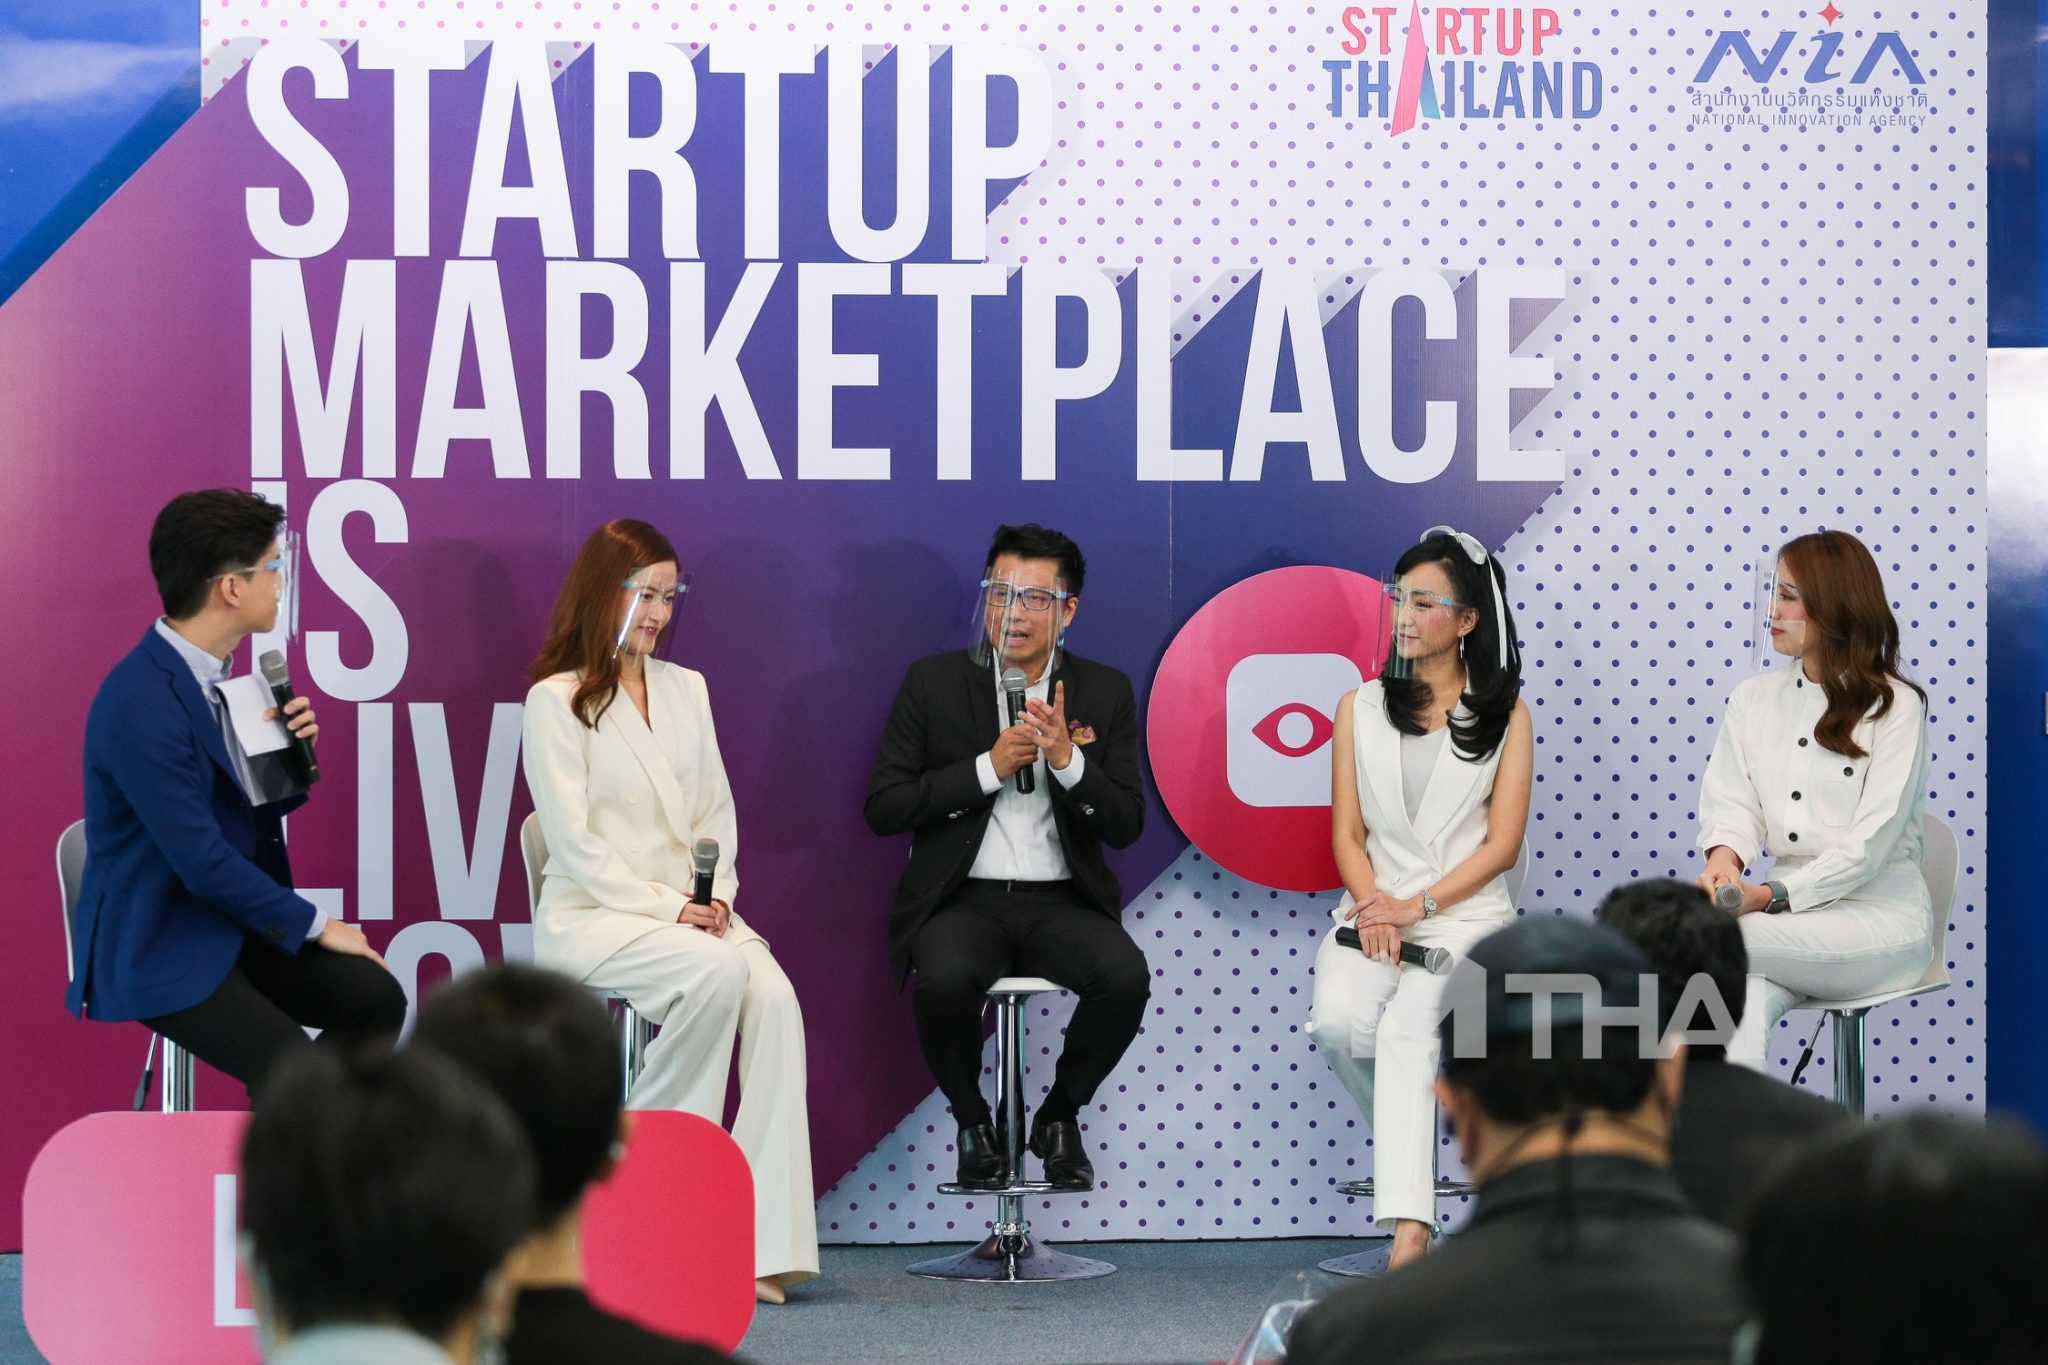 """ผนึกกำลัง 3 Influencer เจ้าหญิงแห่งวงการไอที เปิดช่องทางตลาดใหม่ ช่วยสตาร์ทอัพไทยสู้ภัยโควิด ผ่านทางรายการ """"Startup Marketplace is Live Now"""""""